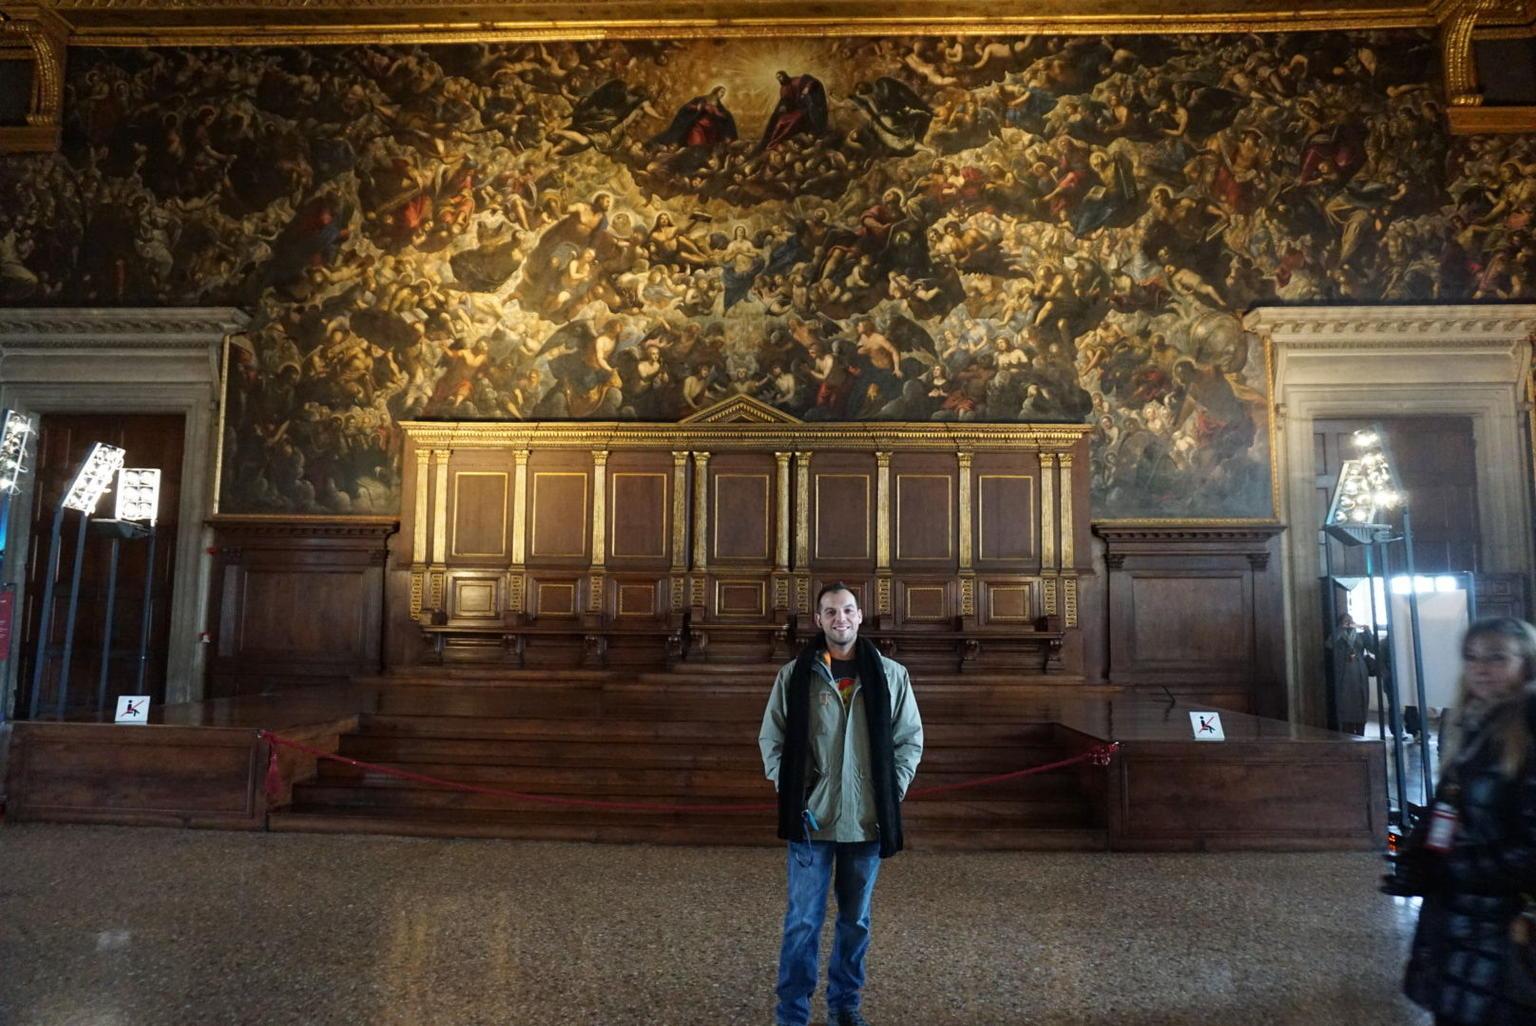 MAIS FOTOS, Evite as filas: Excursão ao Palácio Ducal e Basílica de São Marcos